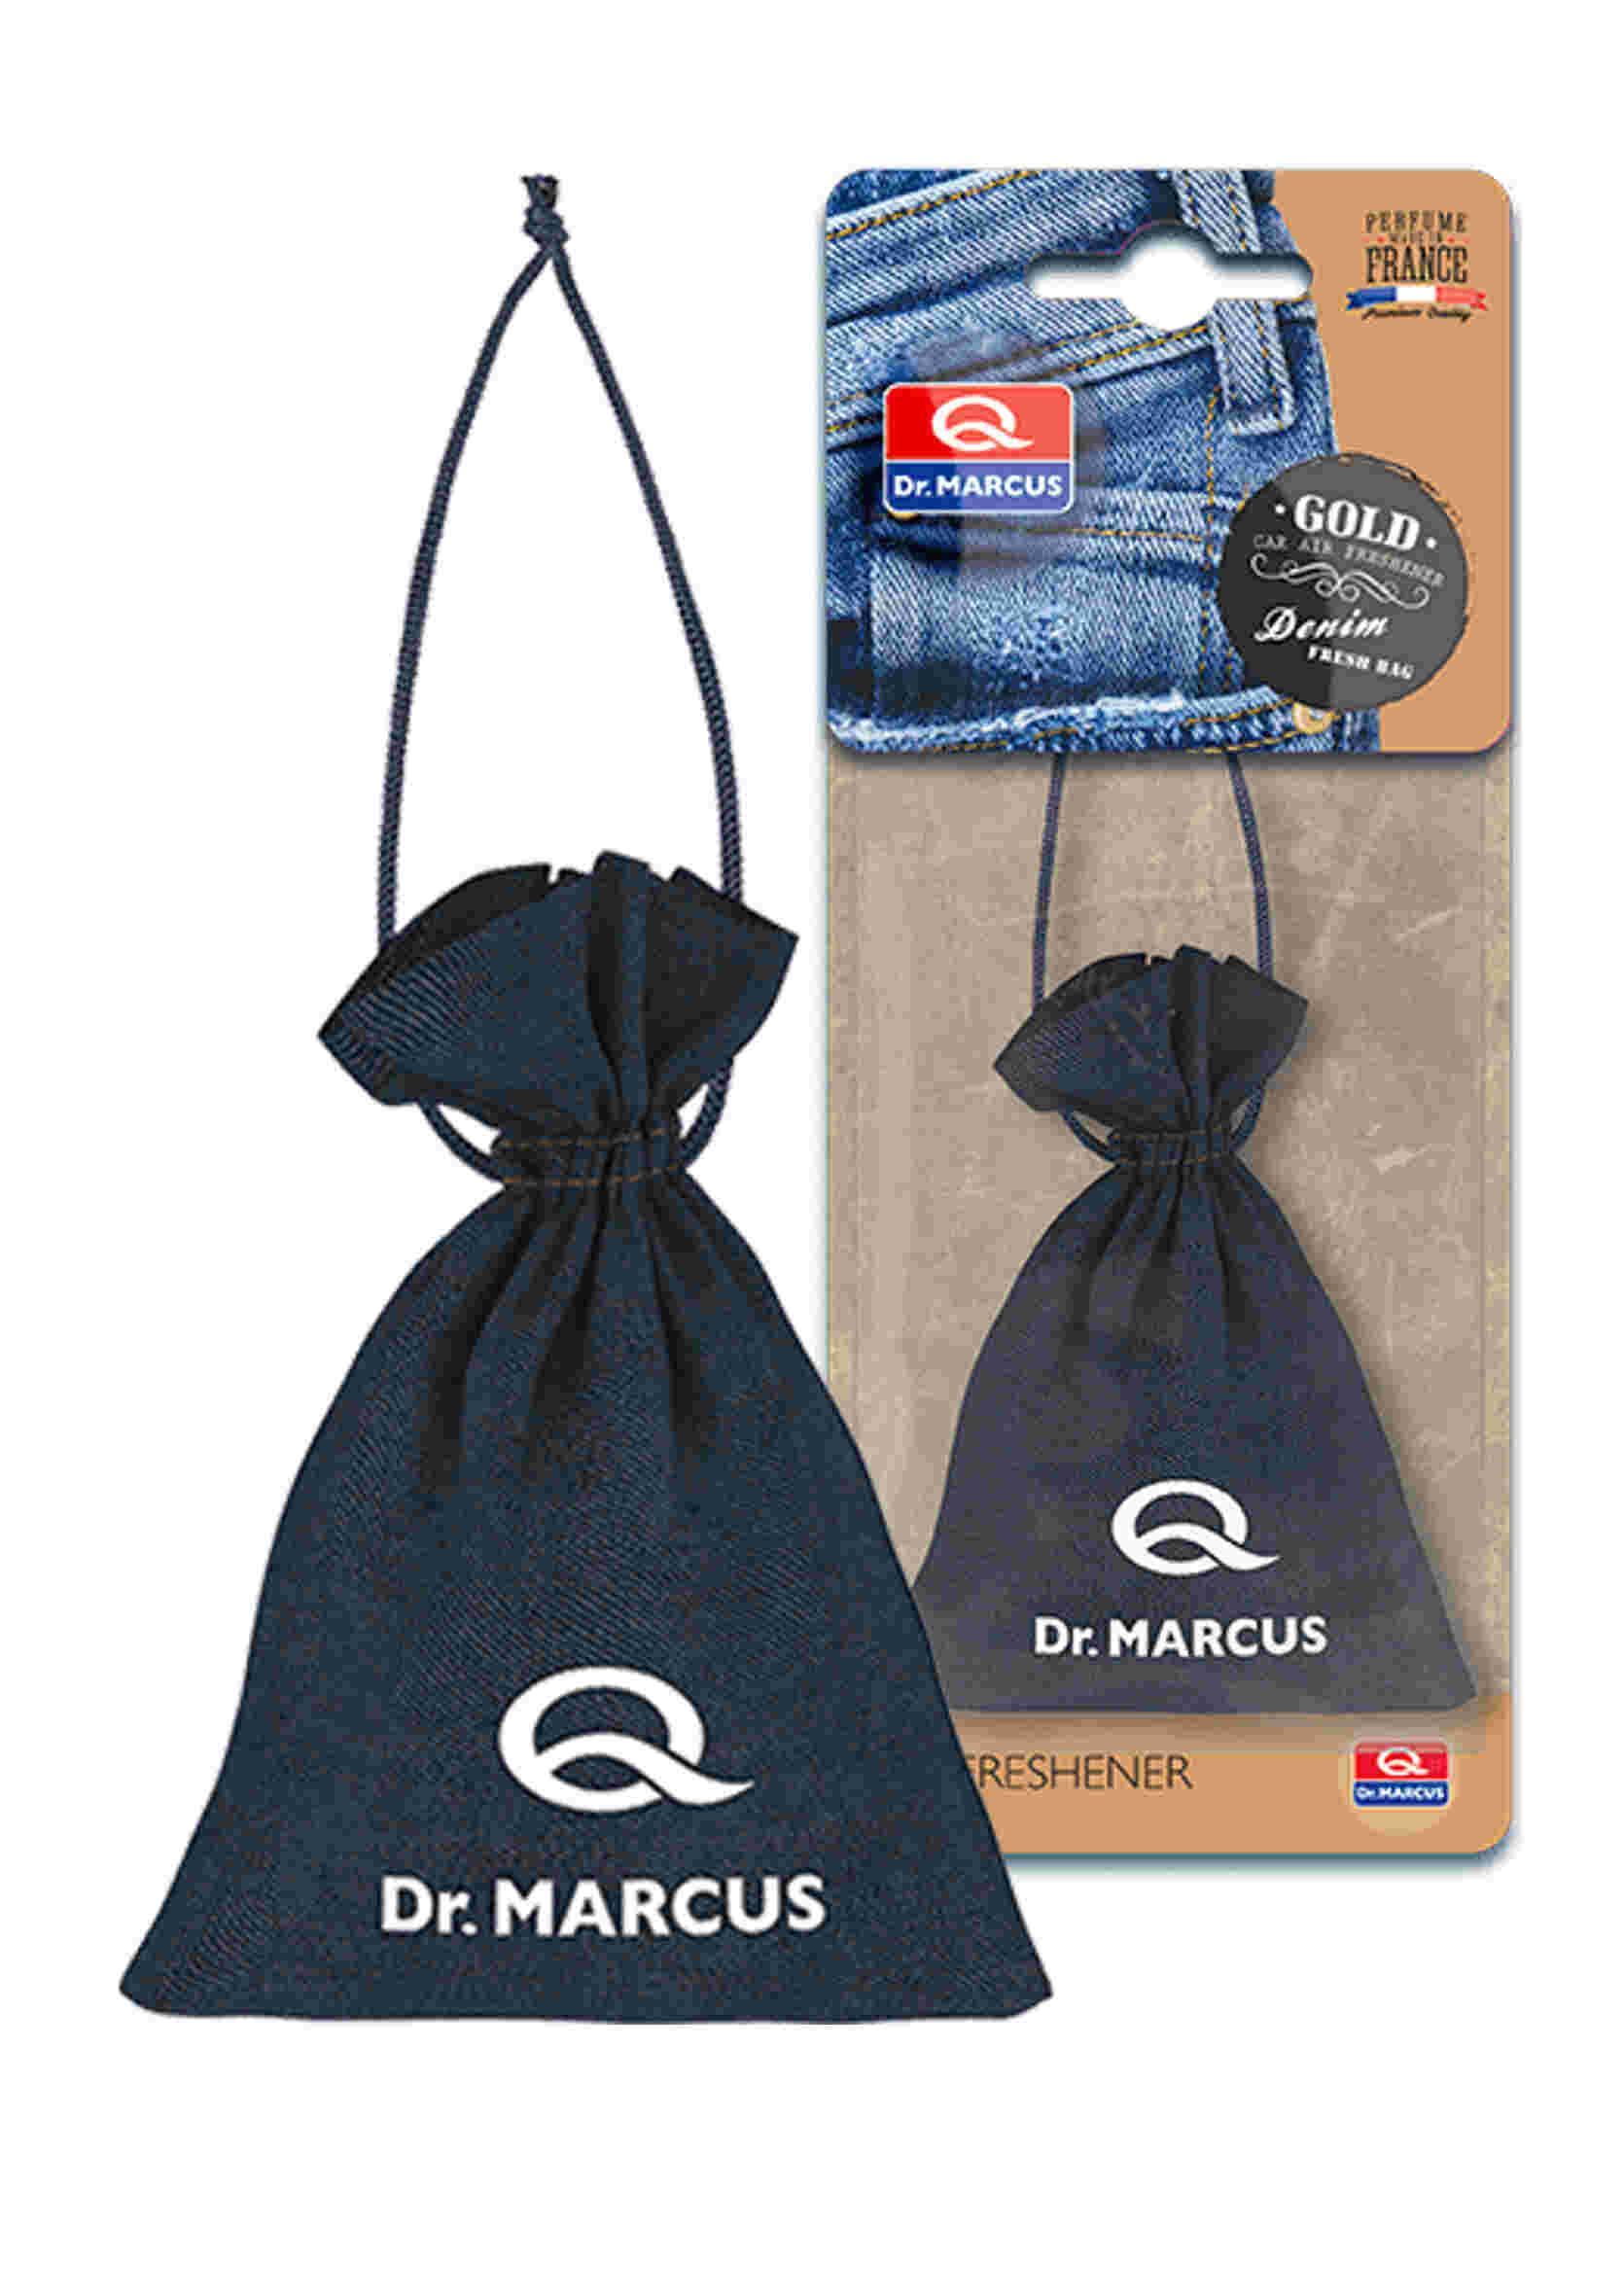 Dr. Marcus Fresh Bag Denim Zapach Samochodowy Gold 20g